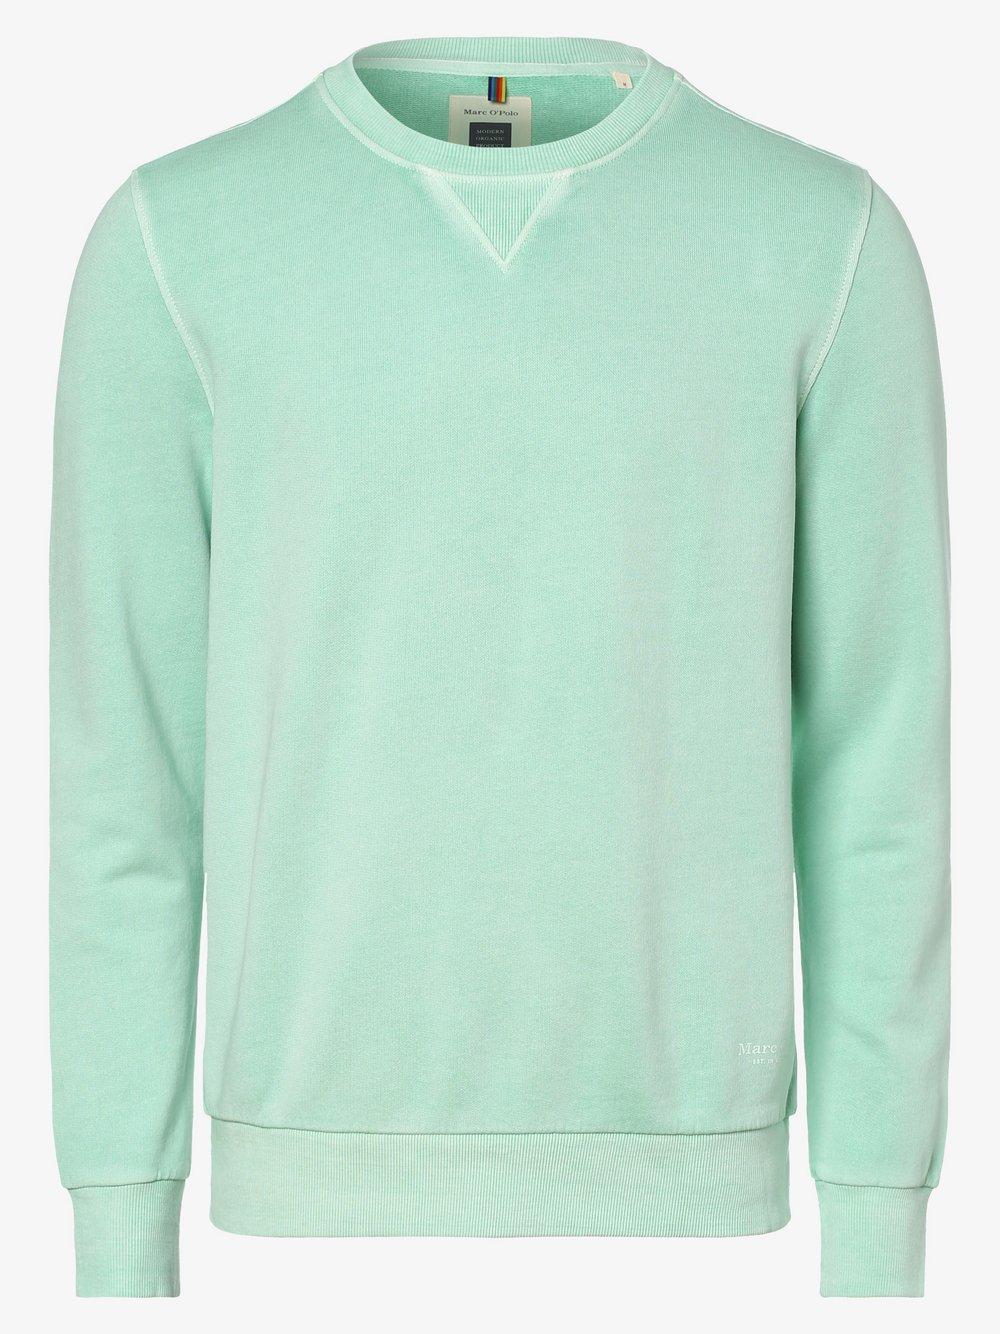 Marc O'Polo - Męska bluza nierozpinana, zielony